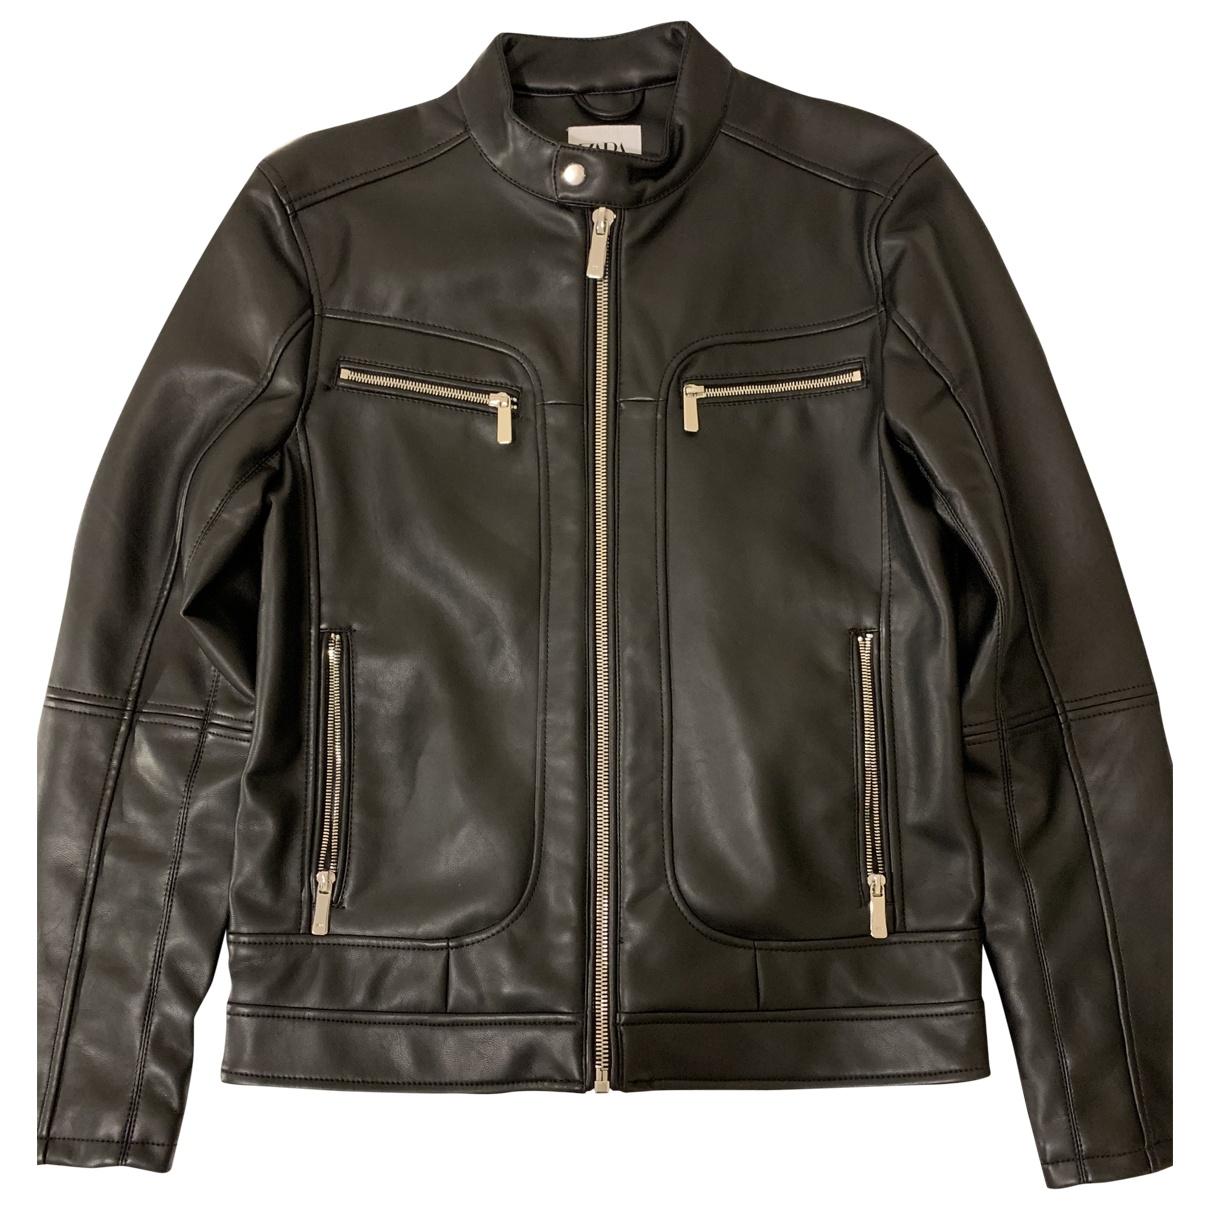 Zara - Vestes.Blousons   pour homme en cuir - noir